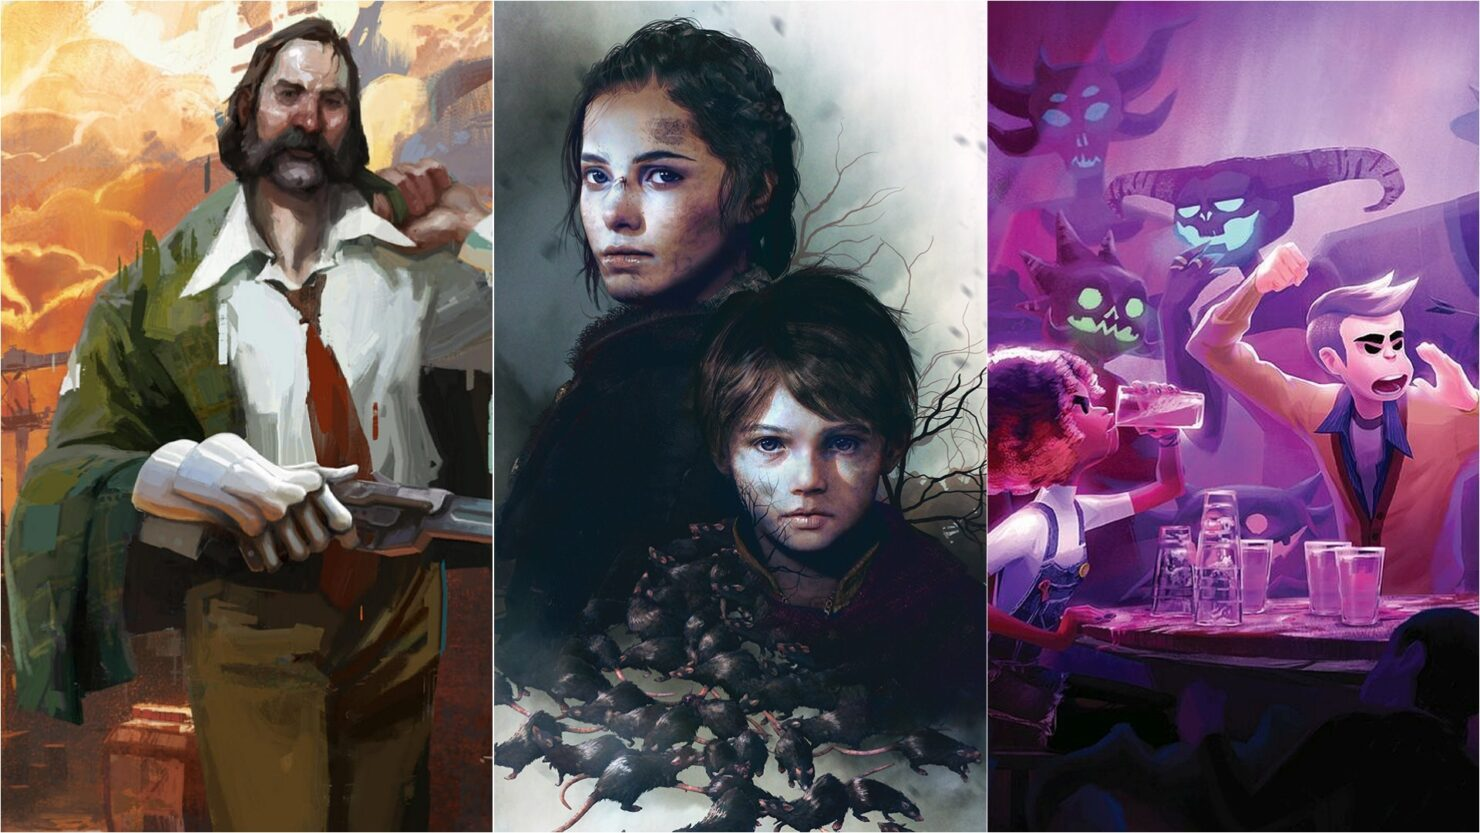 Best Indie Games of 2019